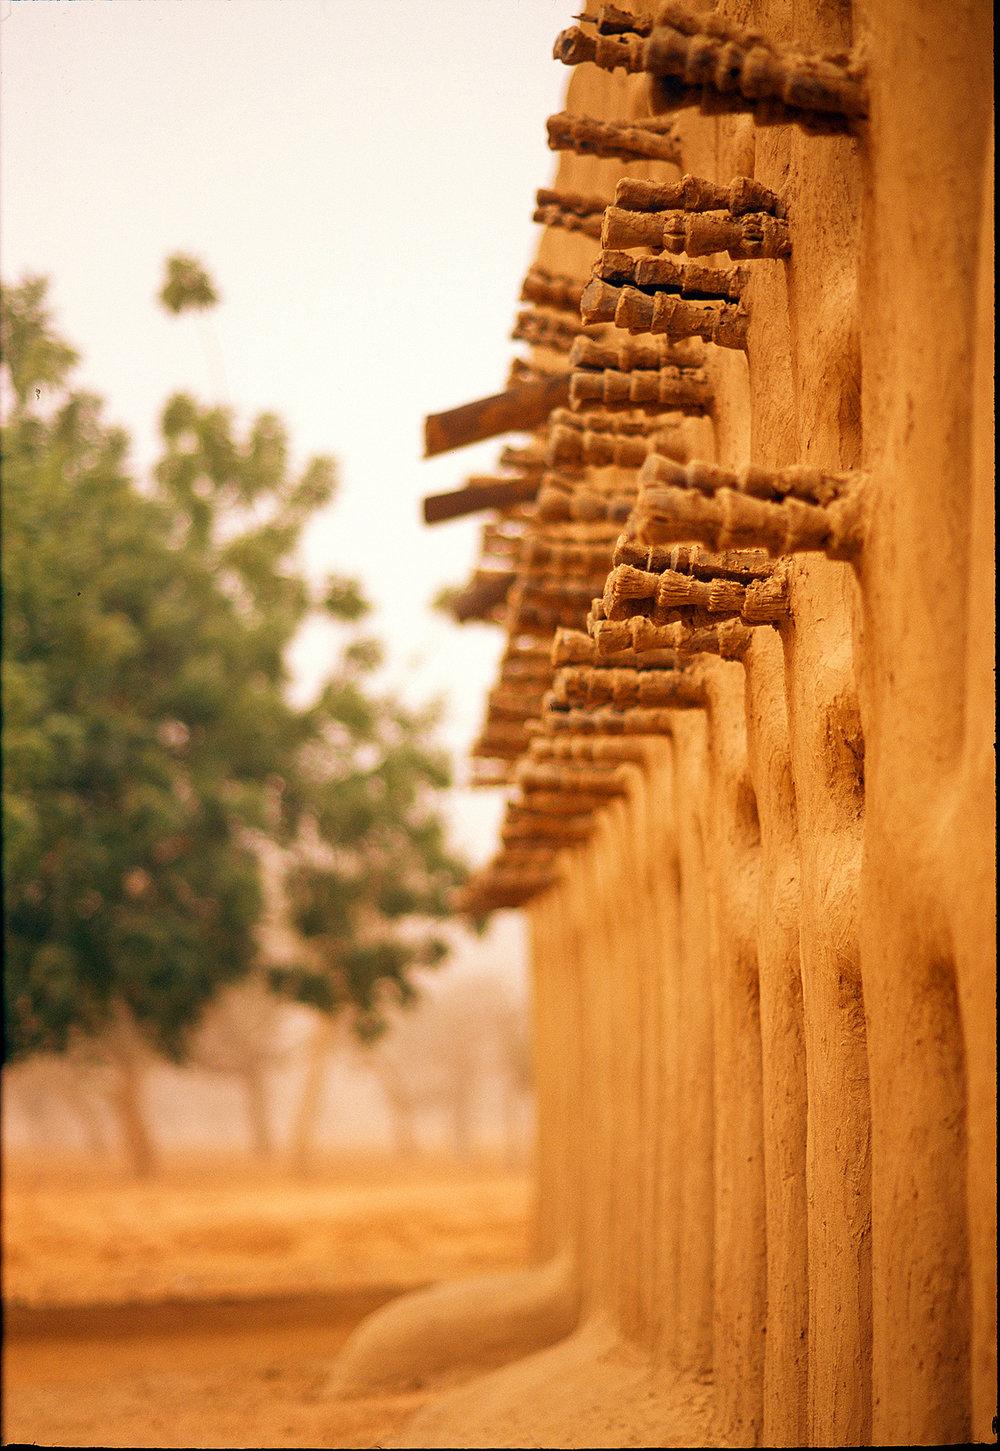 mosque | kani kombole mali